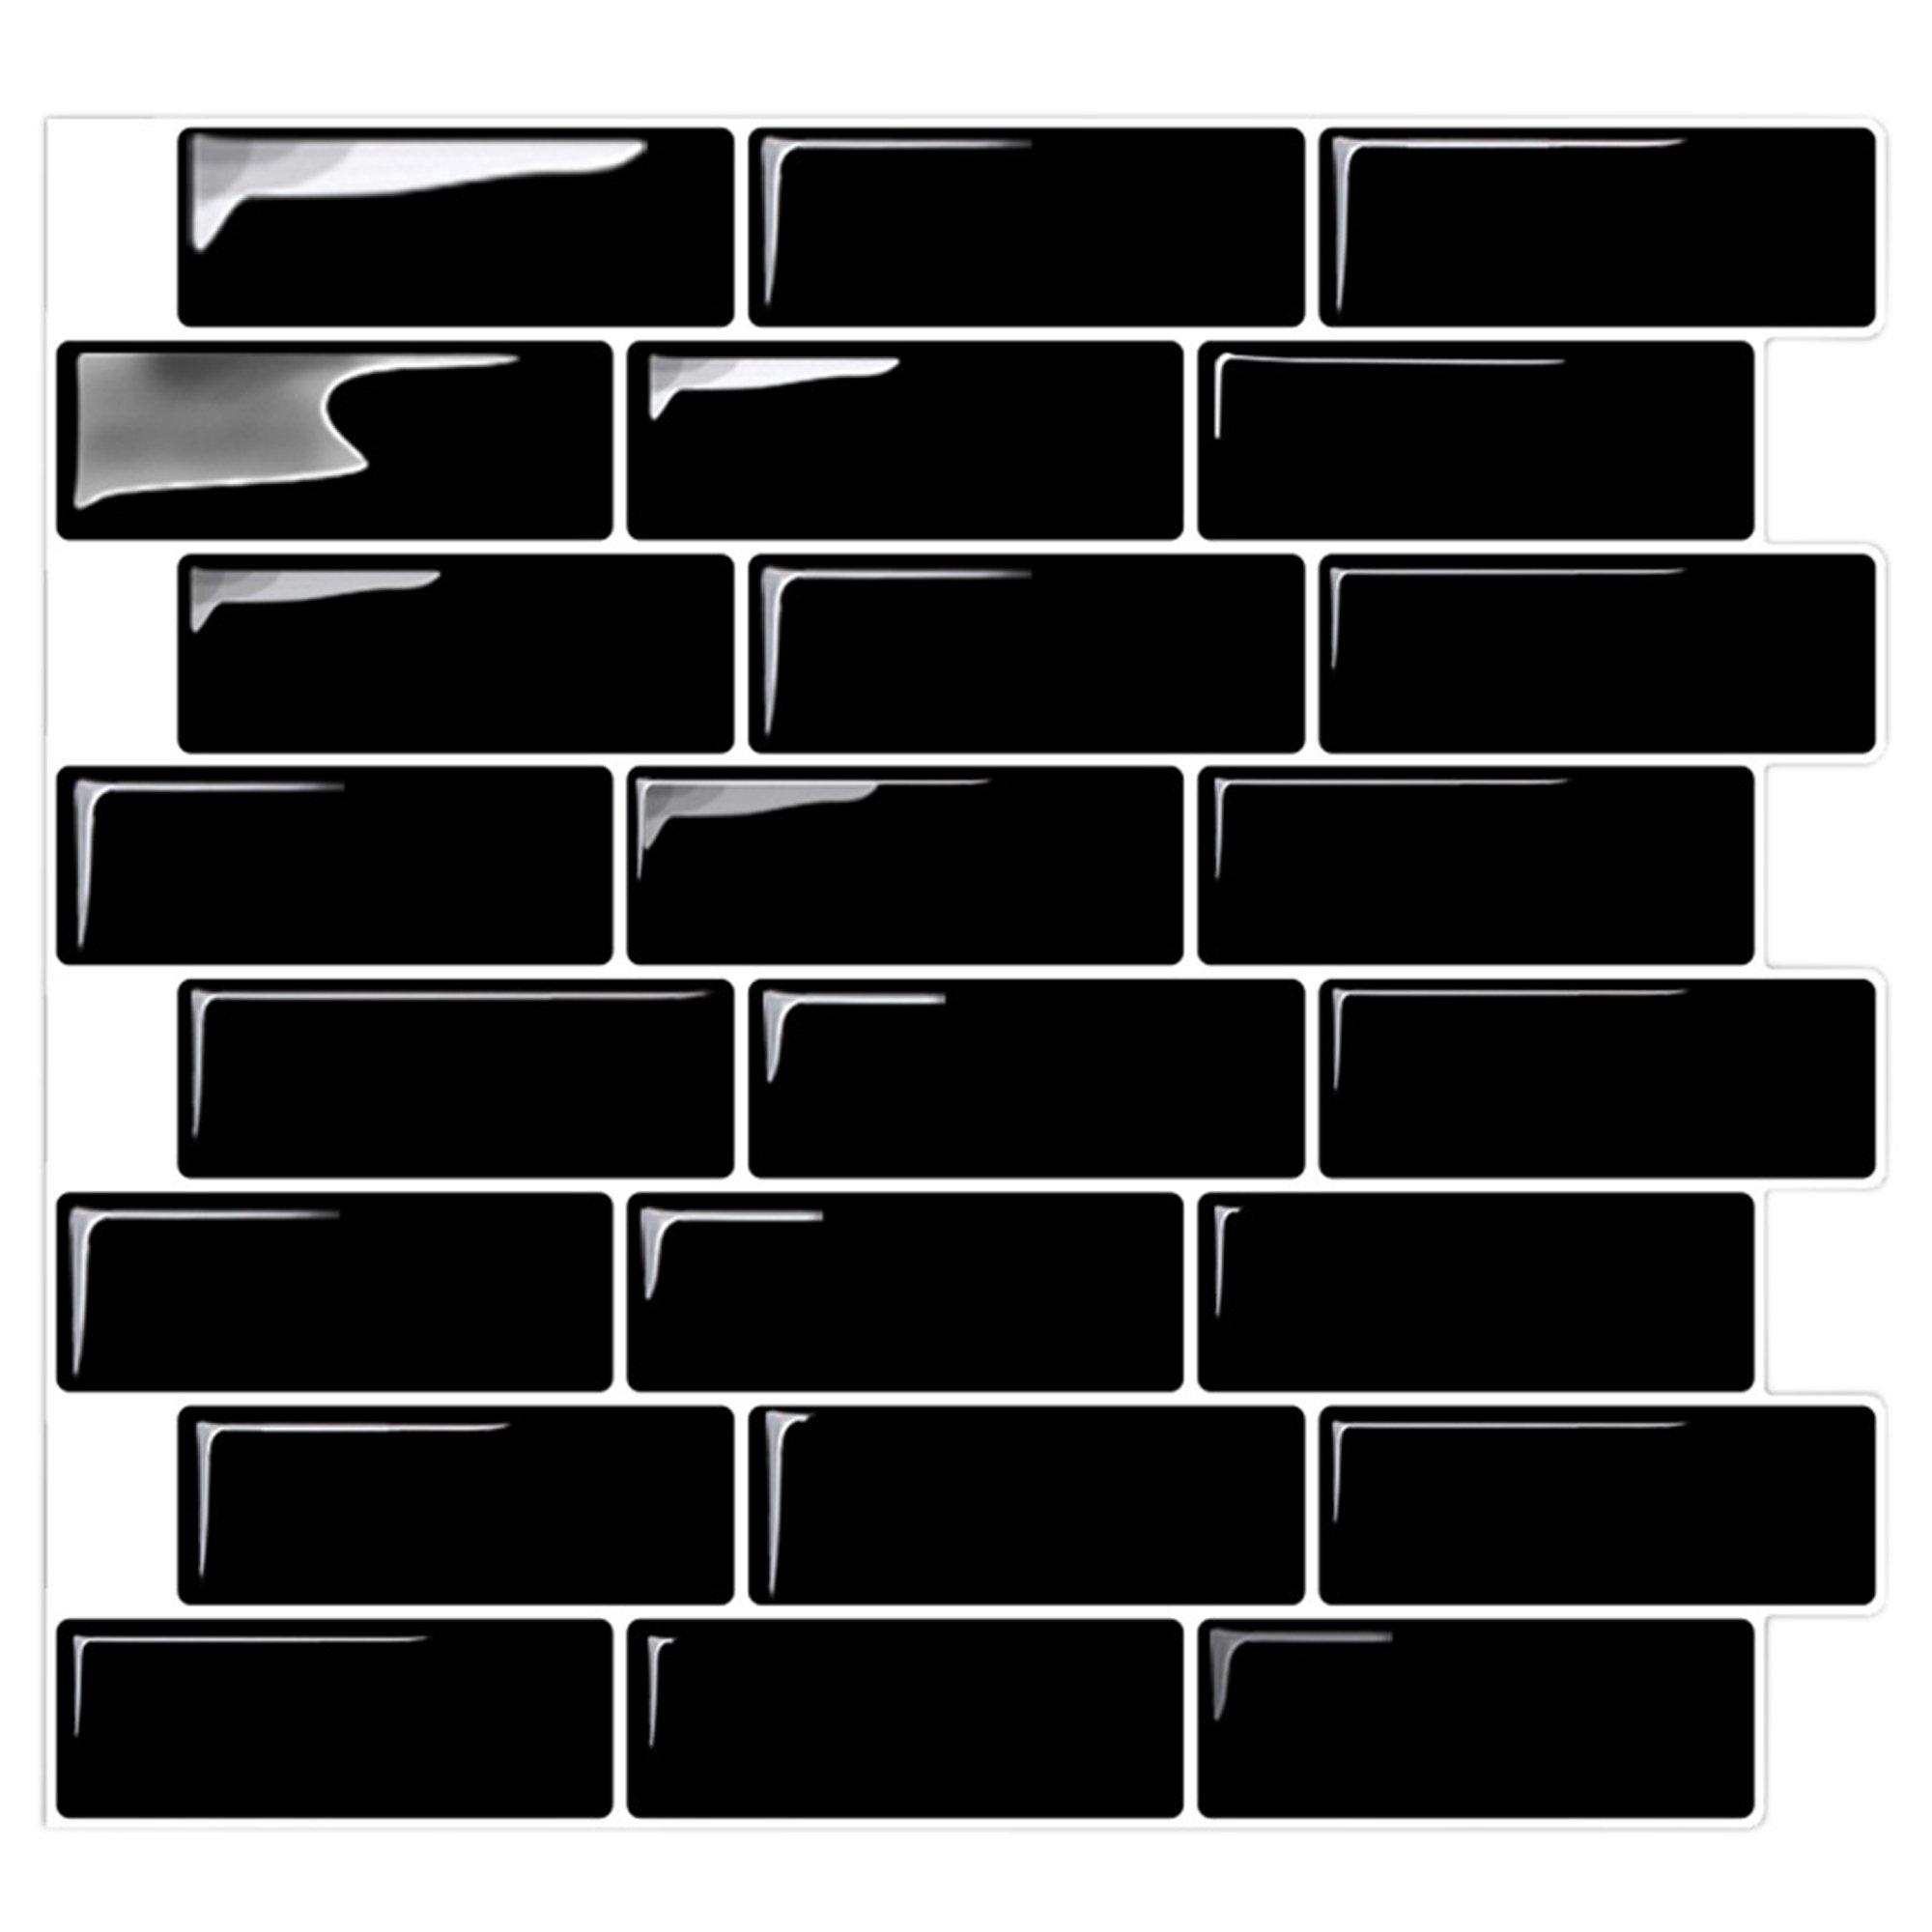 Self-Stick Removable Backsplash Tile Black | Peel and Stick Backsplash Kitchen and Bathroom | Stick On Vinyl Sticker Black Wall Tile - 10'' x 10.5'' (10-Sheets)